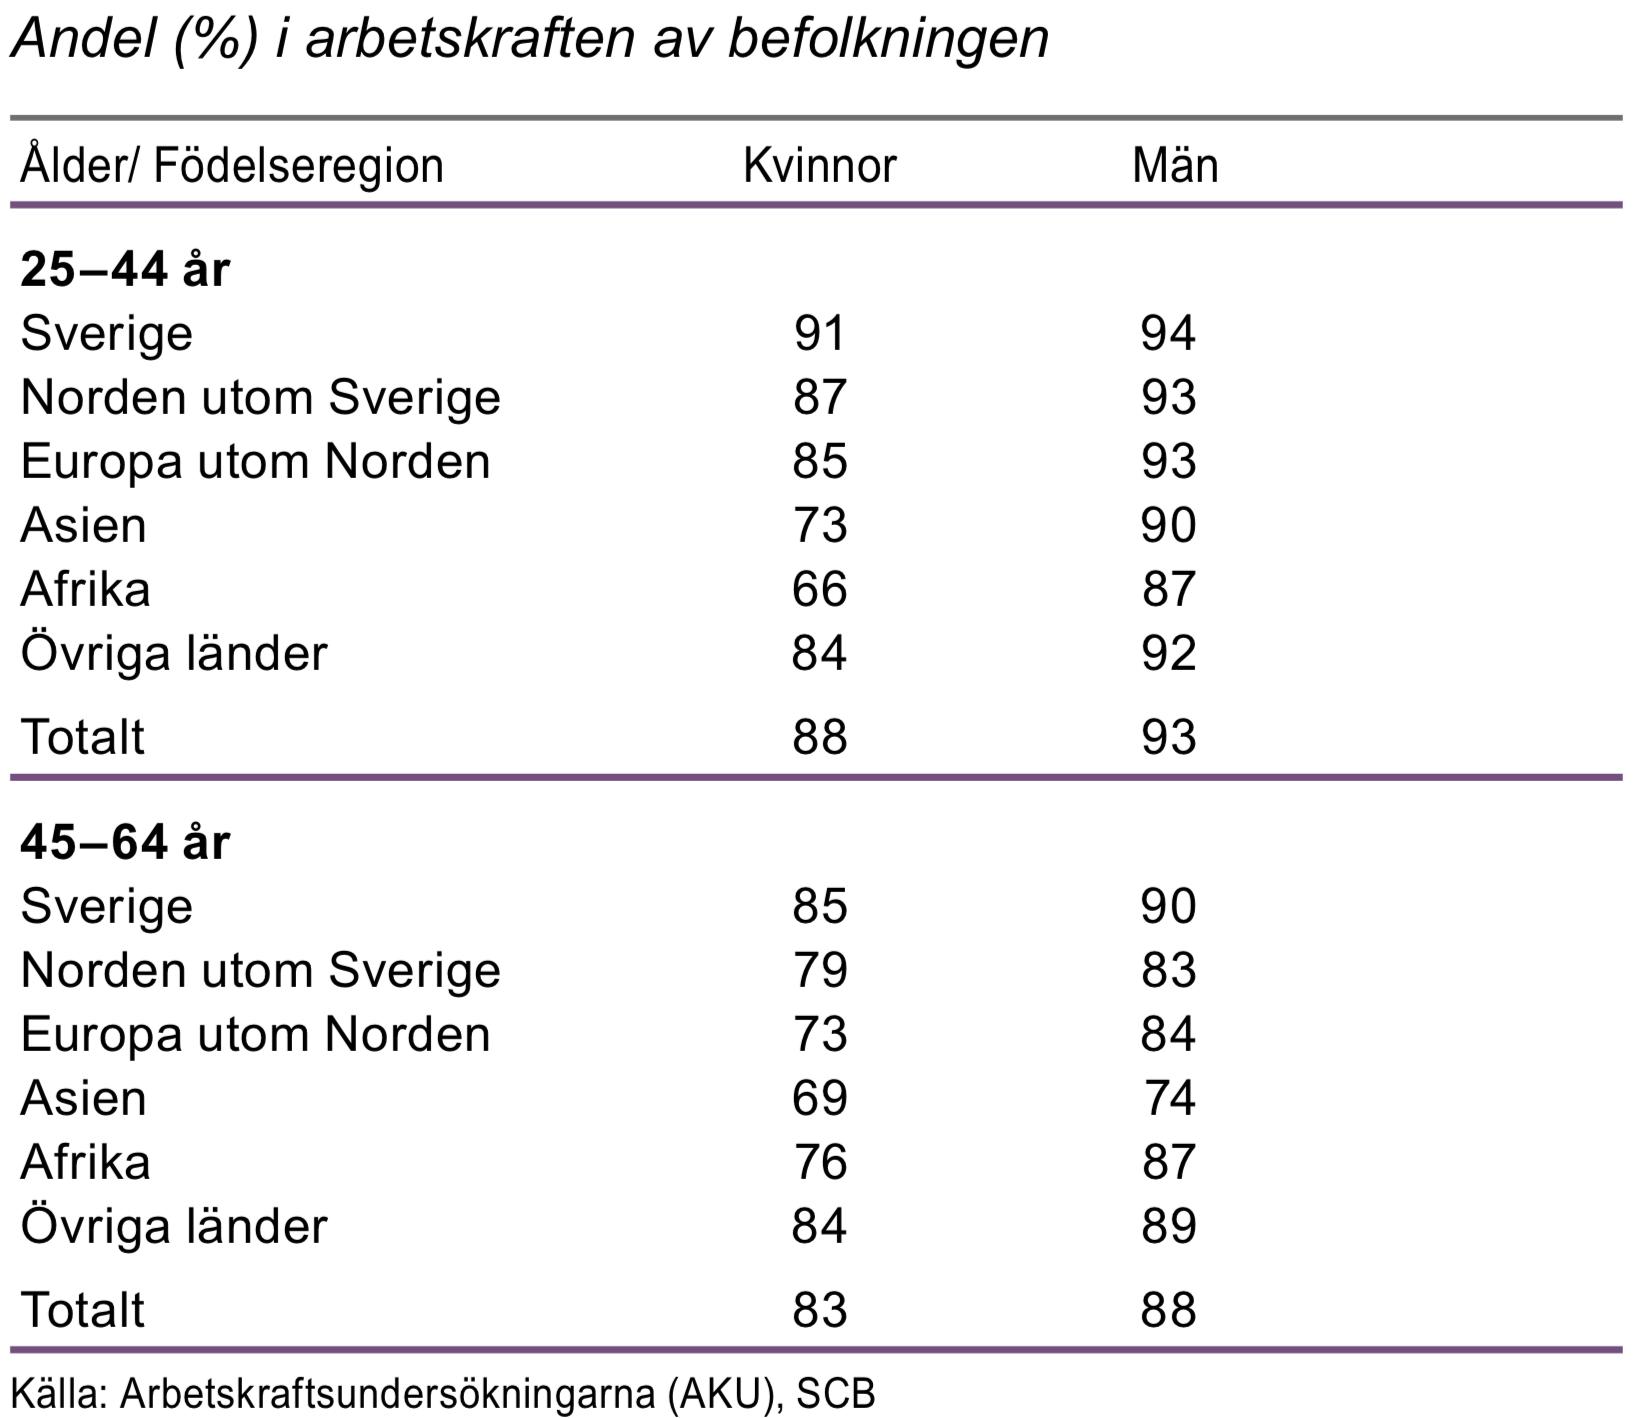 Relativa arbetskraftstal efter födelseregion och ålder 2015